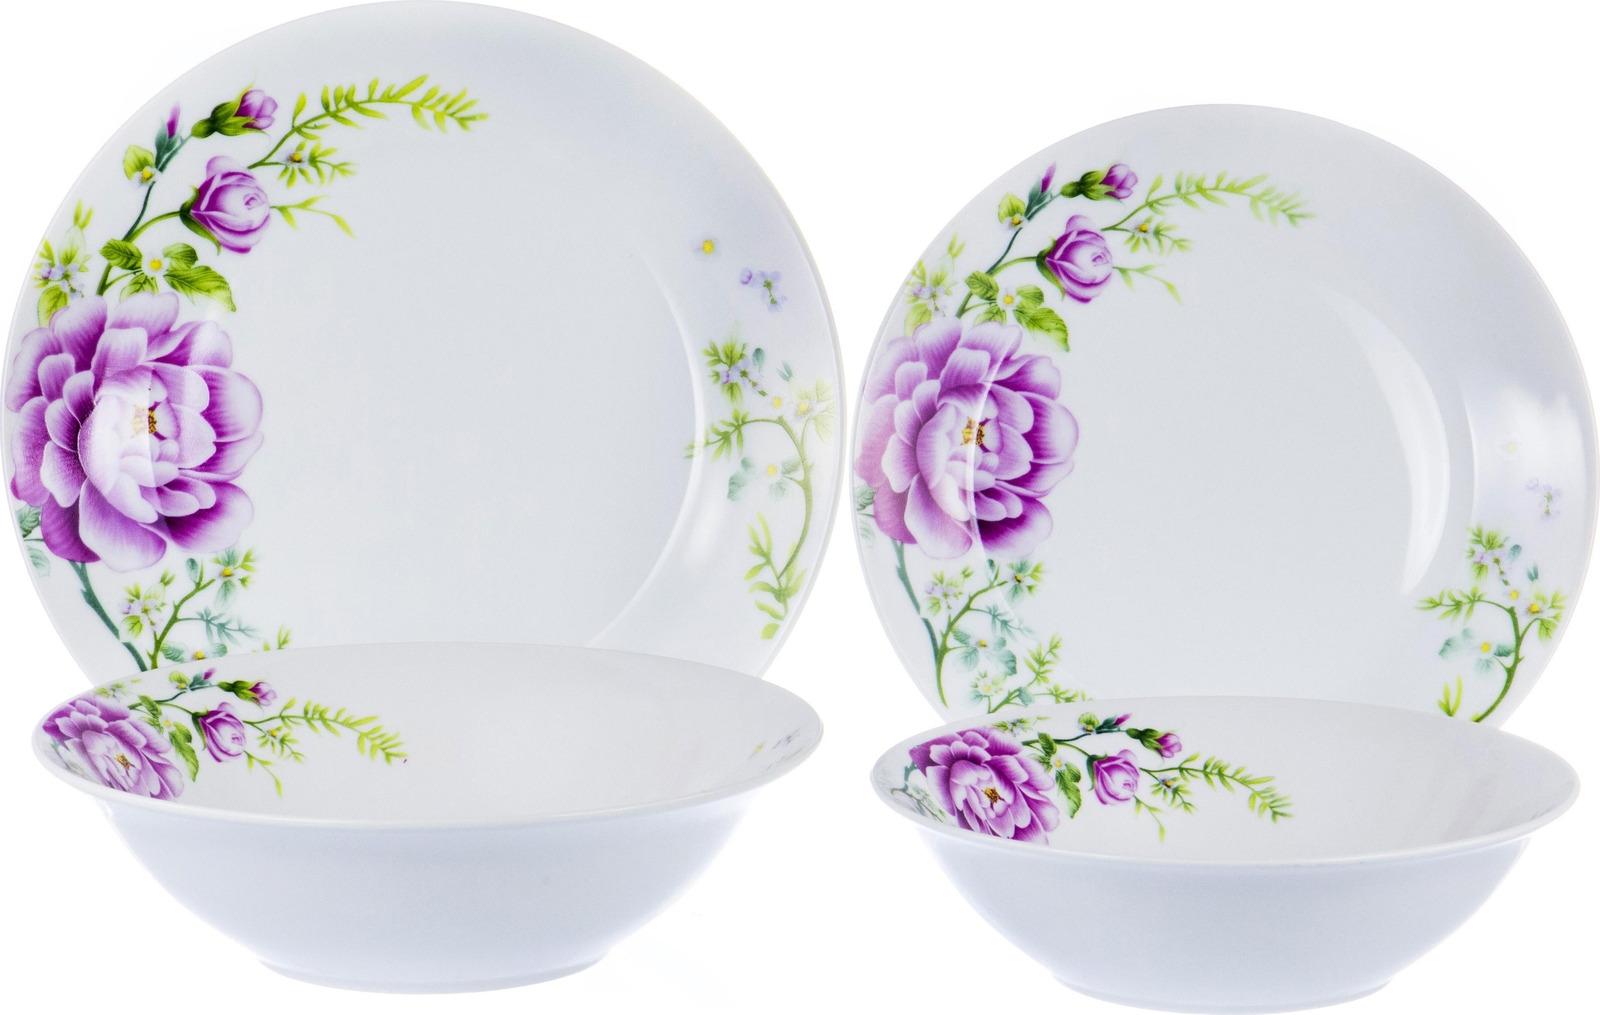 Набор столовой посуды Olaff Феникс, 103-02035, разноцветный, 19 предметов набор столовой посуды olaff красные цветы 19 предметов